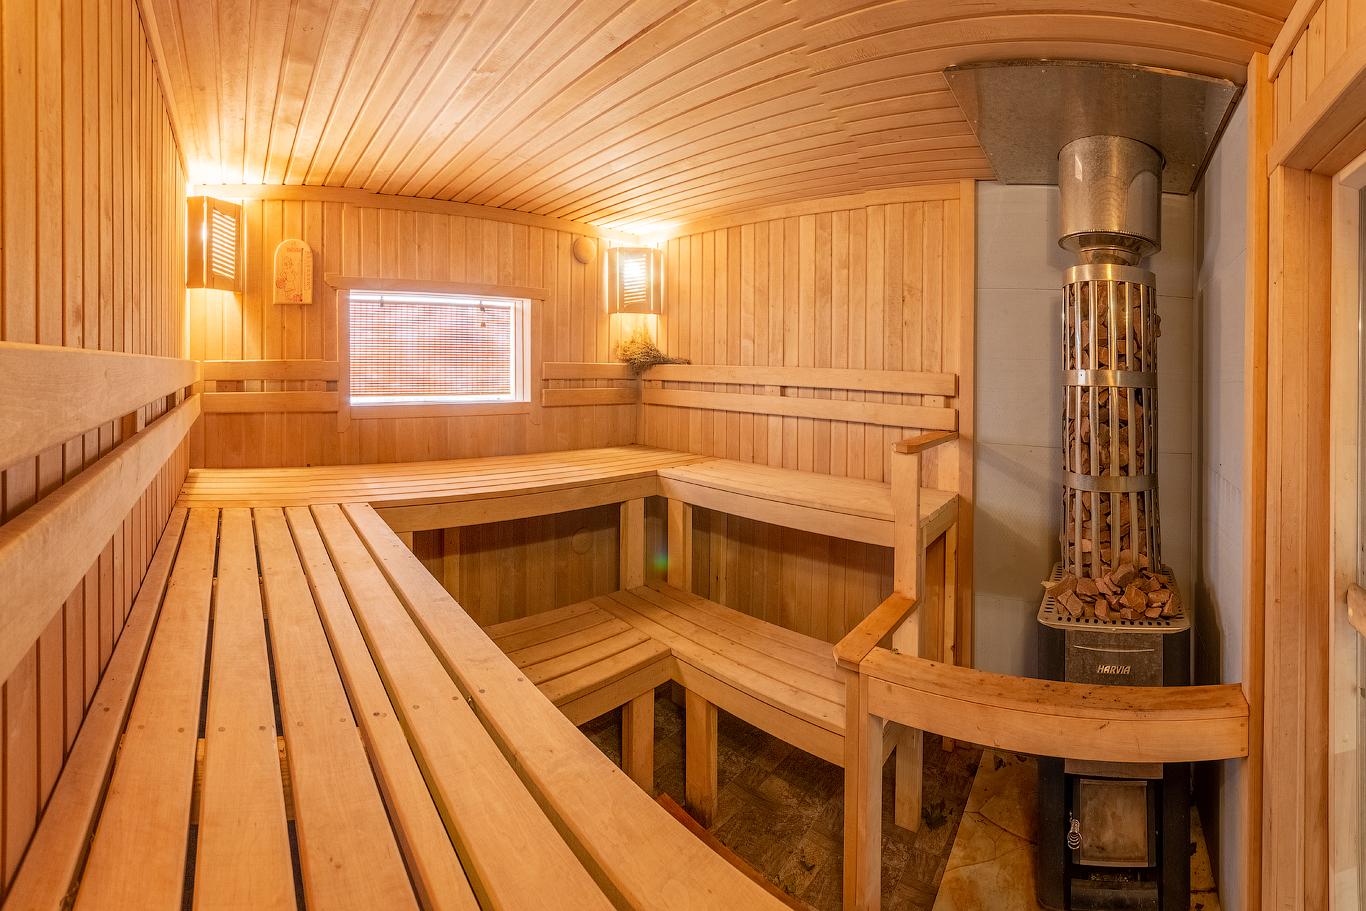 Внутреннее устройство бани: предбанник, парник, печь, габариты бани